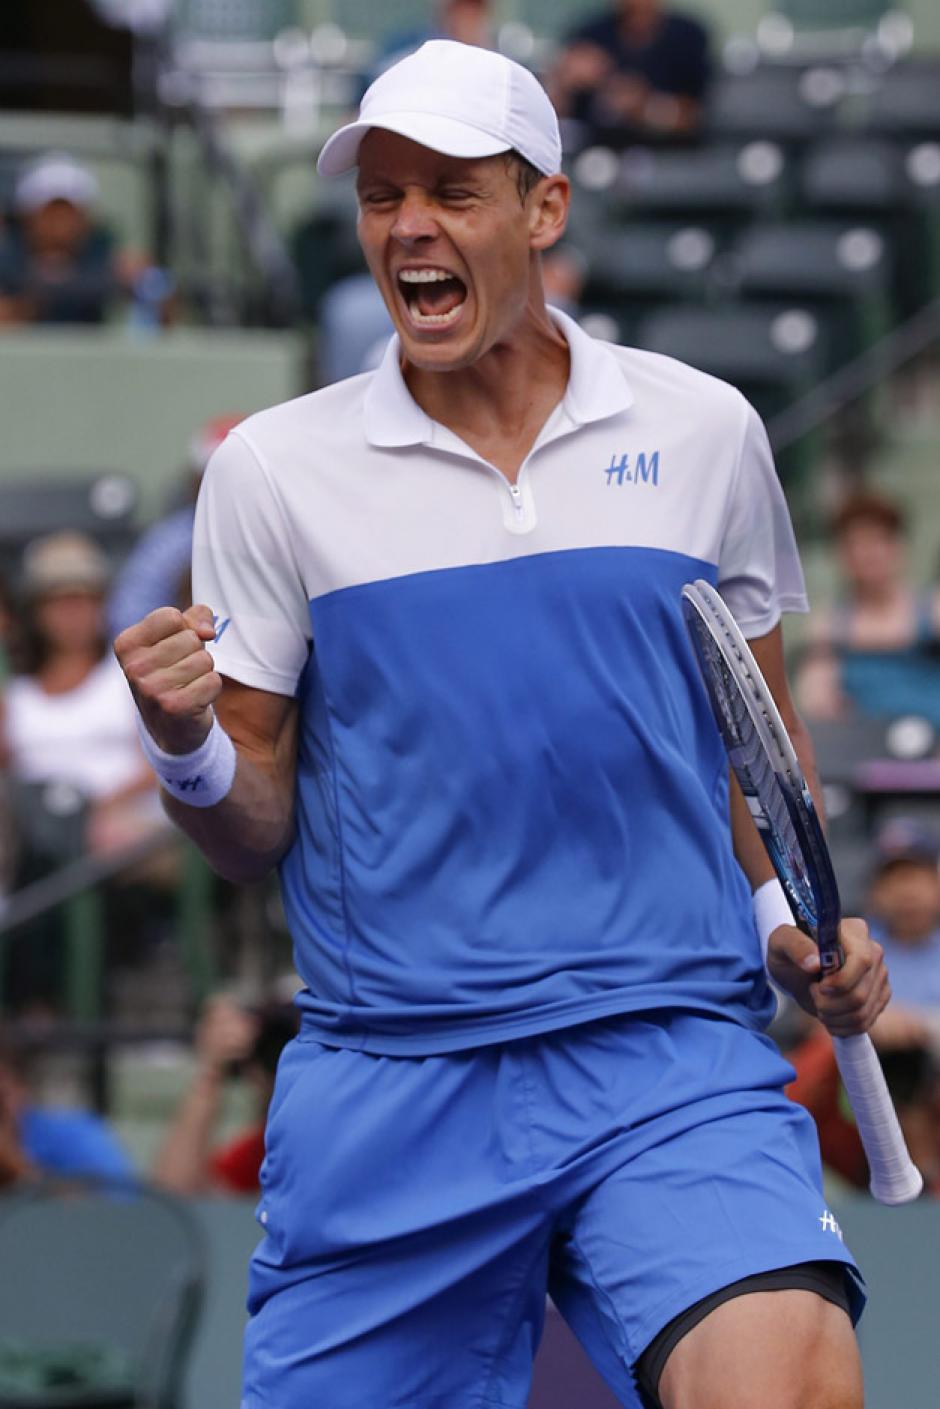 Berdych es uno de los cuatro finalistas del Abierto de Miami. (Foto: EFE)